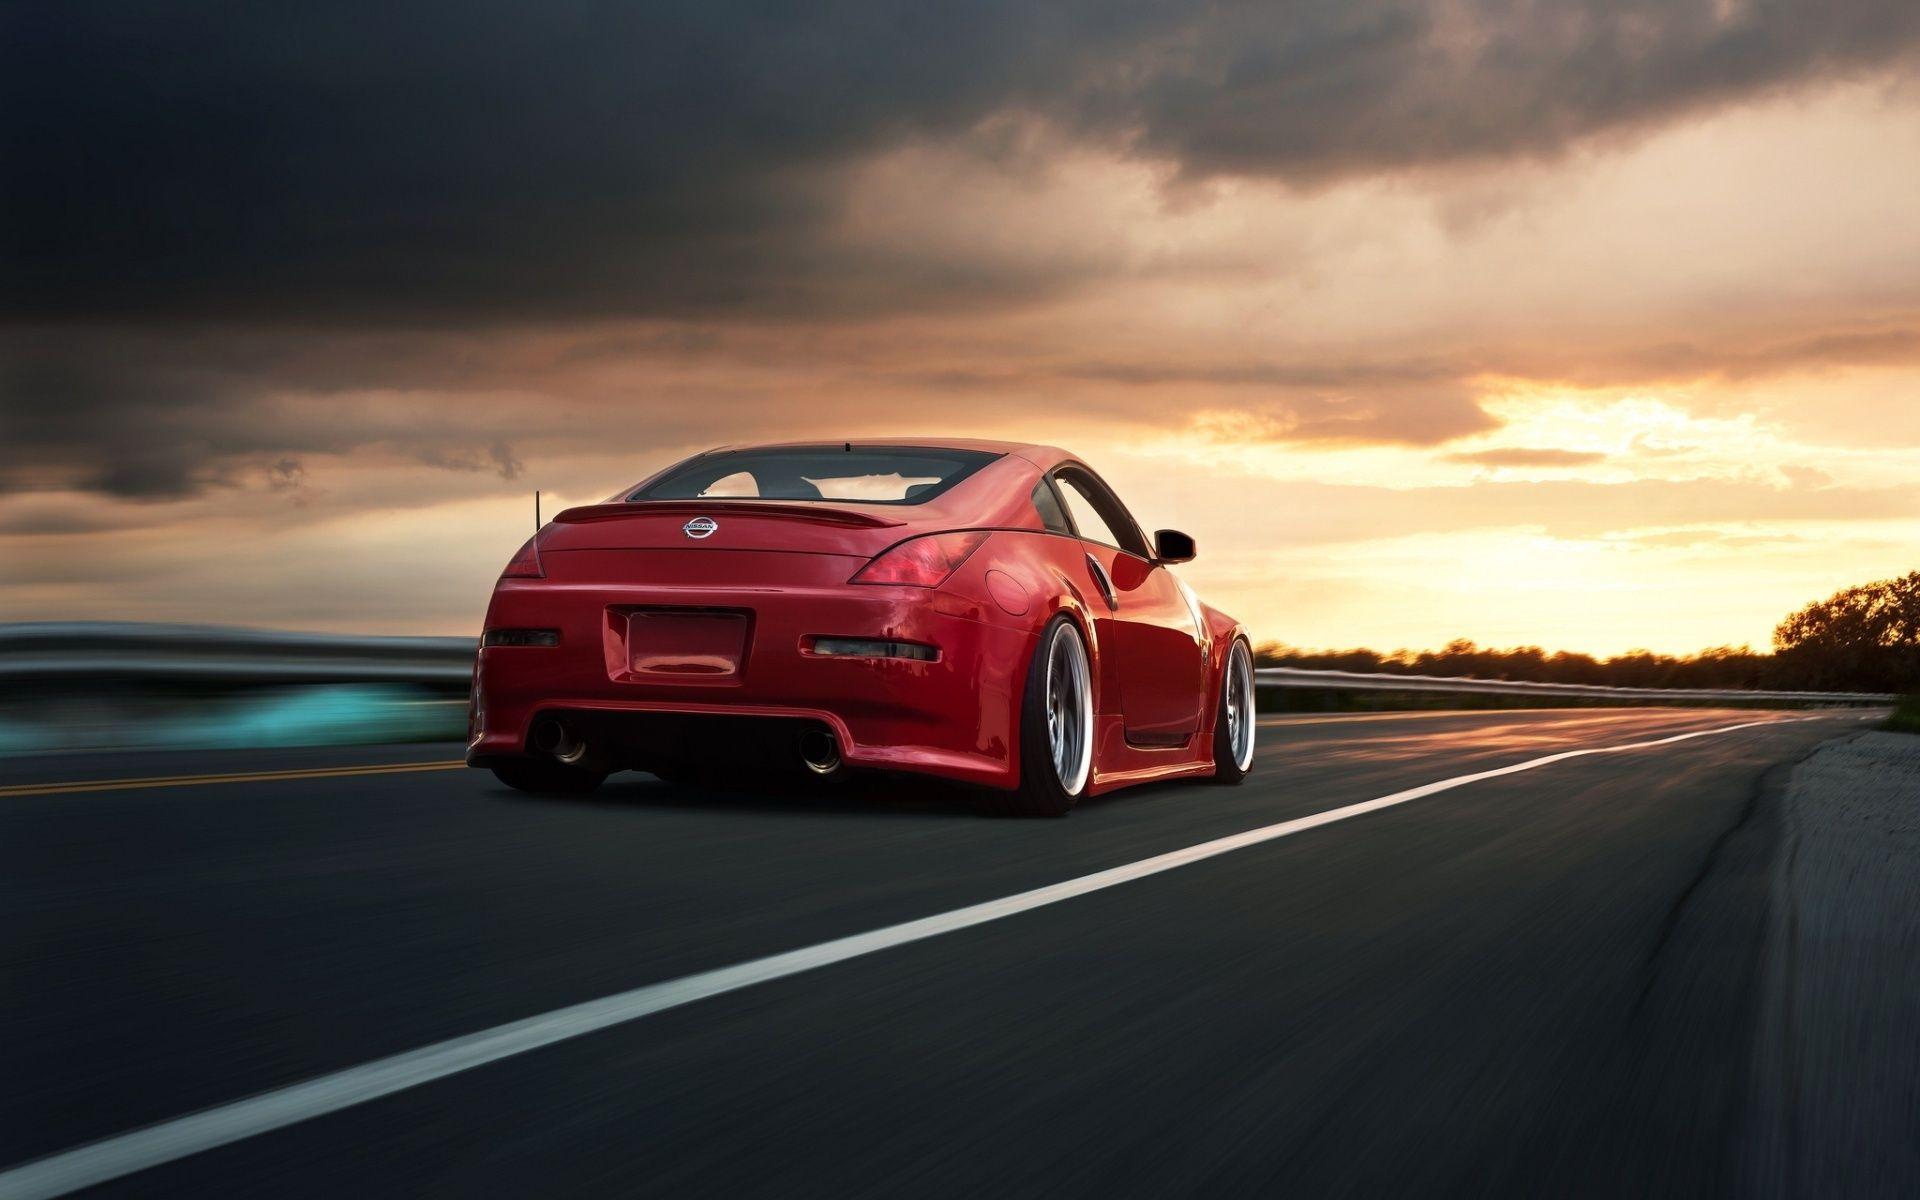 Fond d'écran hd voiture de sport rouge Nissan 350z